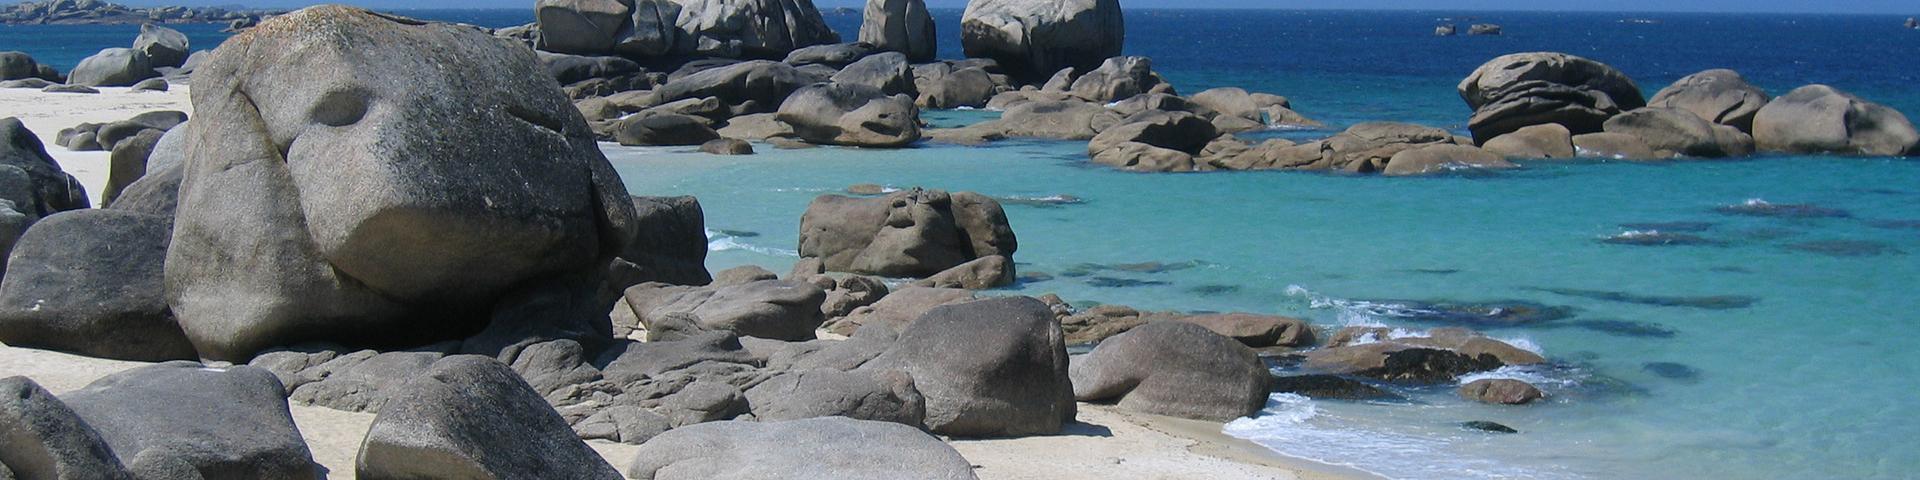 Granite boulder, Finistère